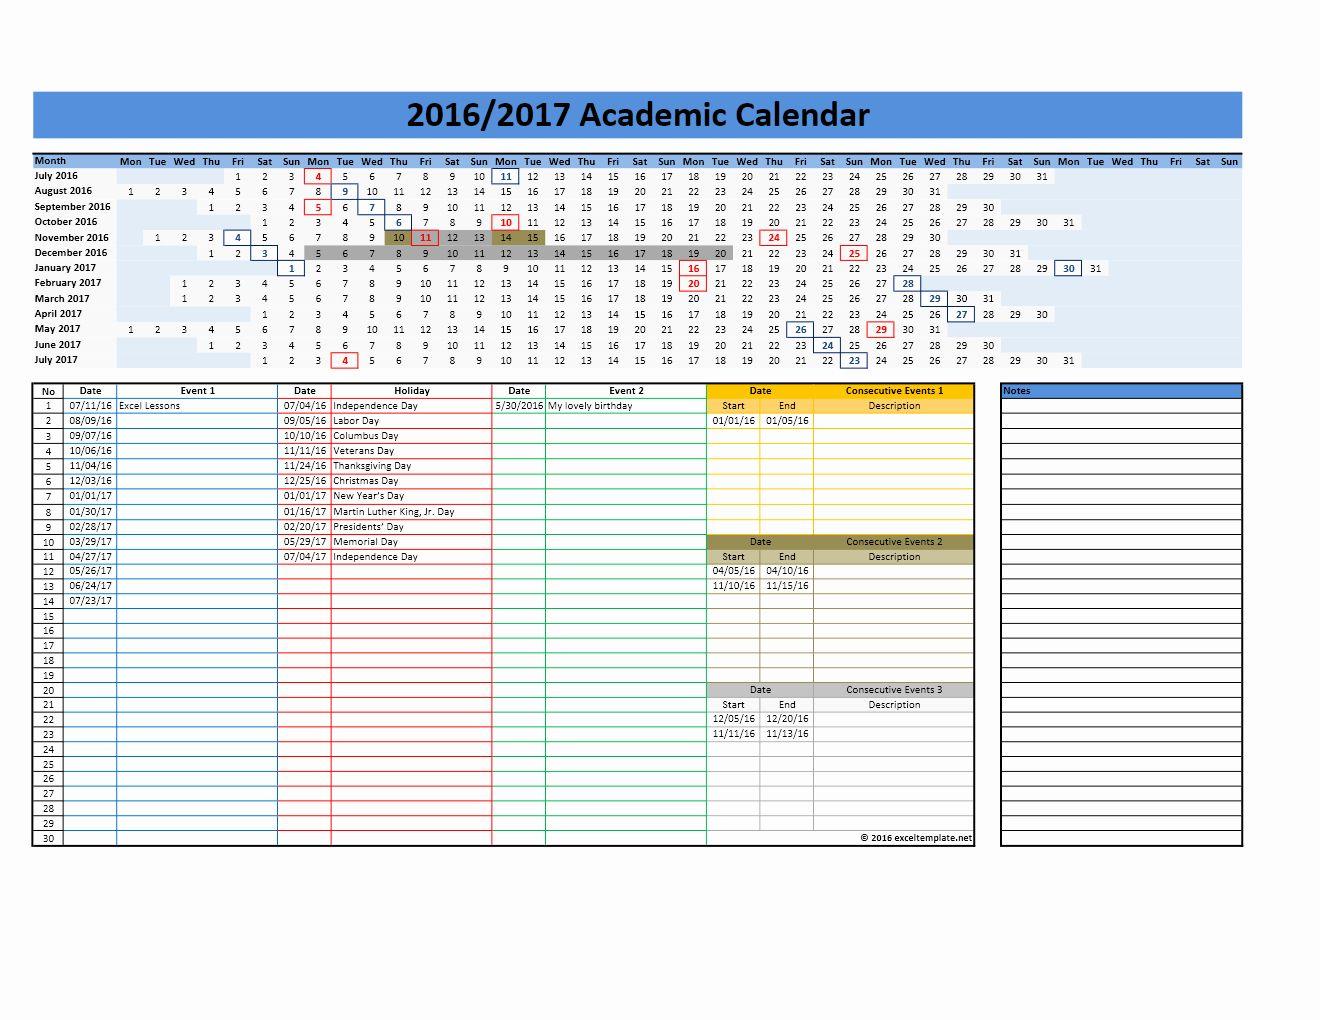 Calendar Template 2016 2017 Best Of 2017 2018 And 2016 2017 School Calendar Templates In 2020 Calendar Template Monthly Calendar Template School Calendar